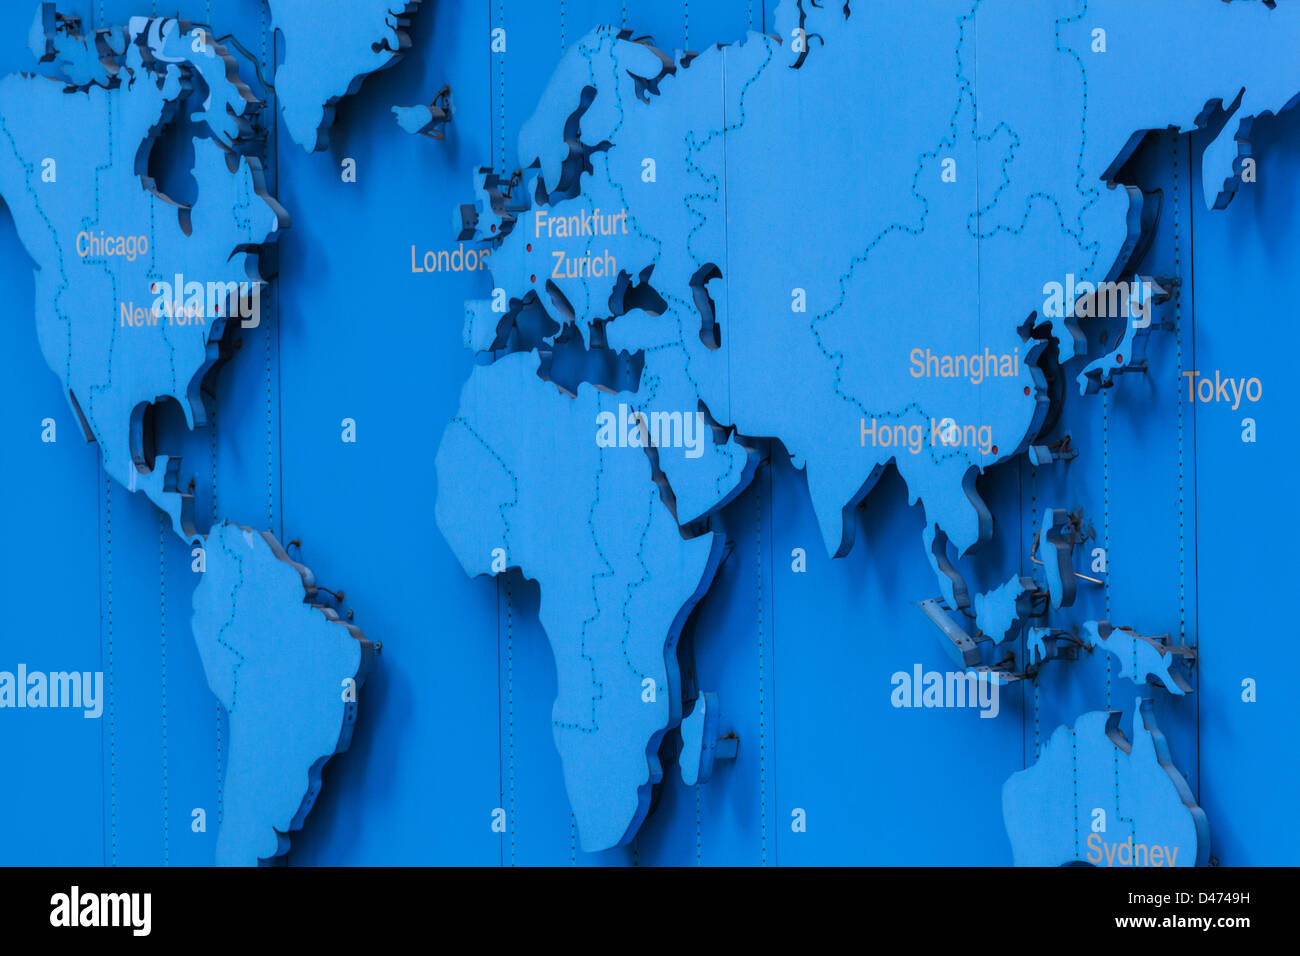 China hong kong world map showing main financial centres stock china hong kong world map showing main financial centres gumiabroncs Image collections